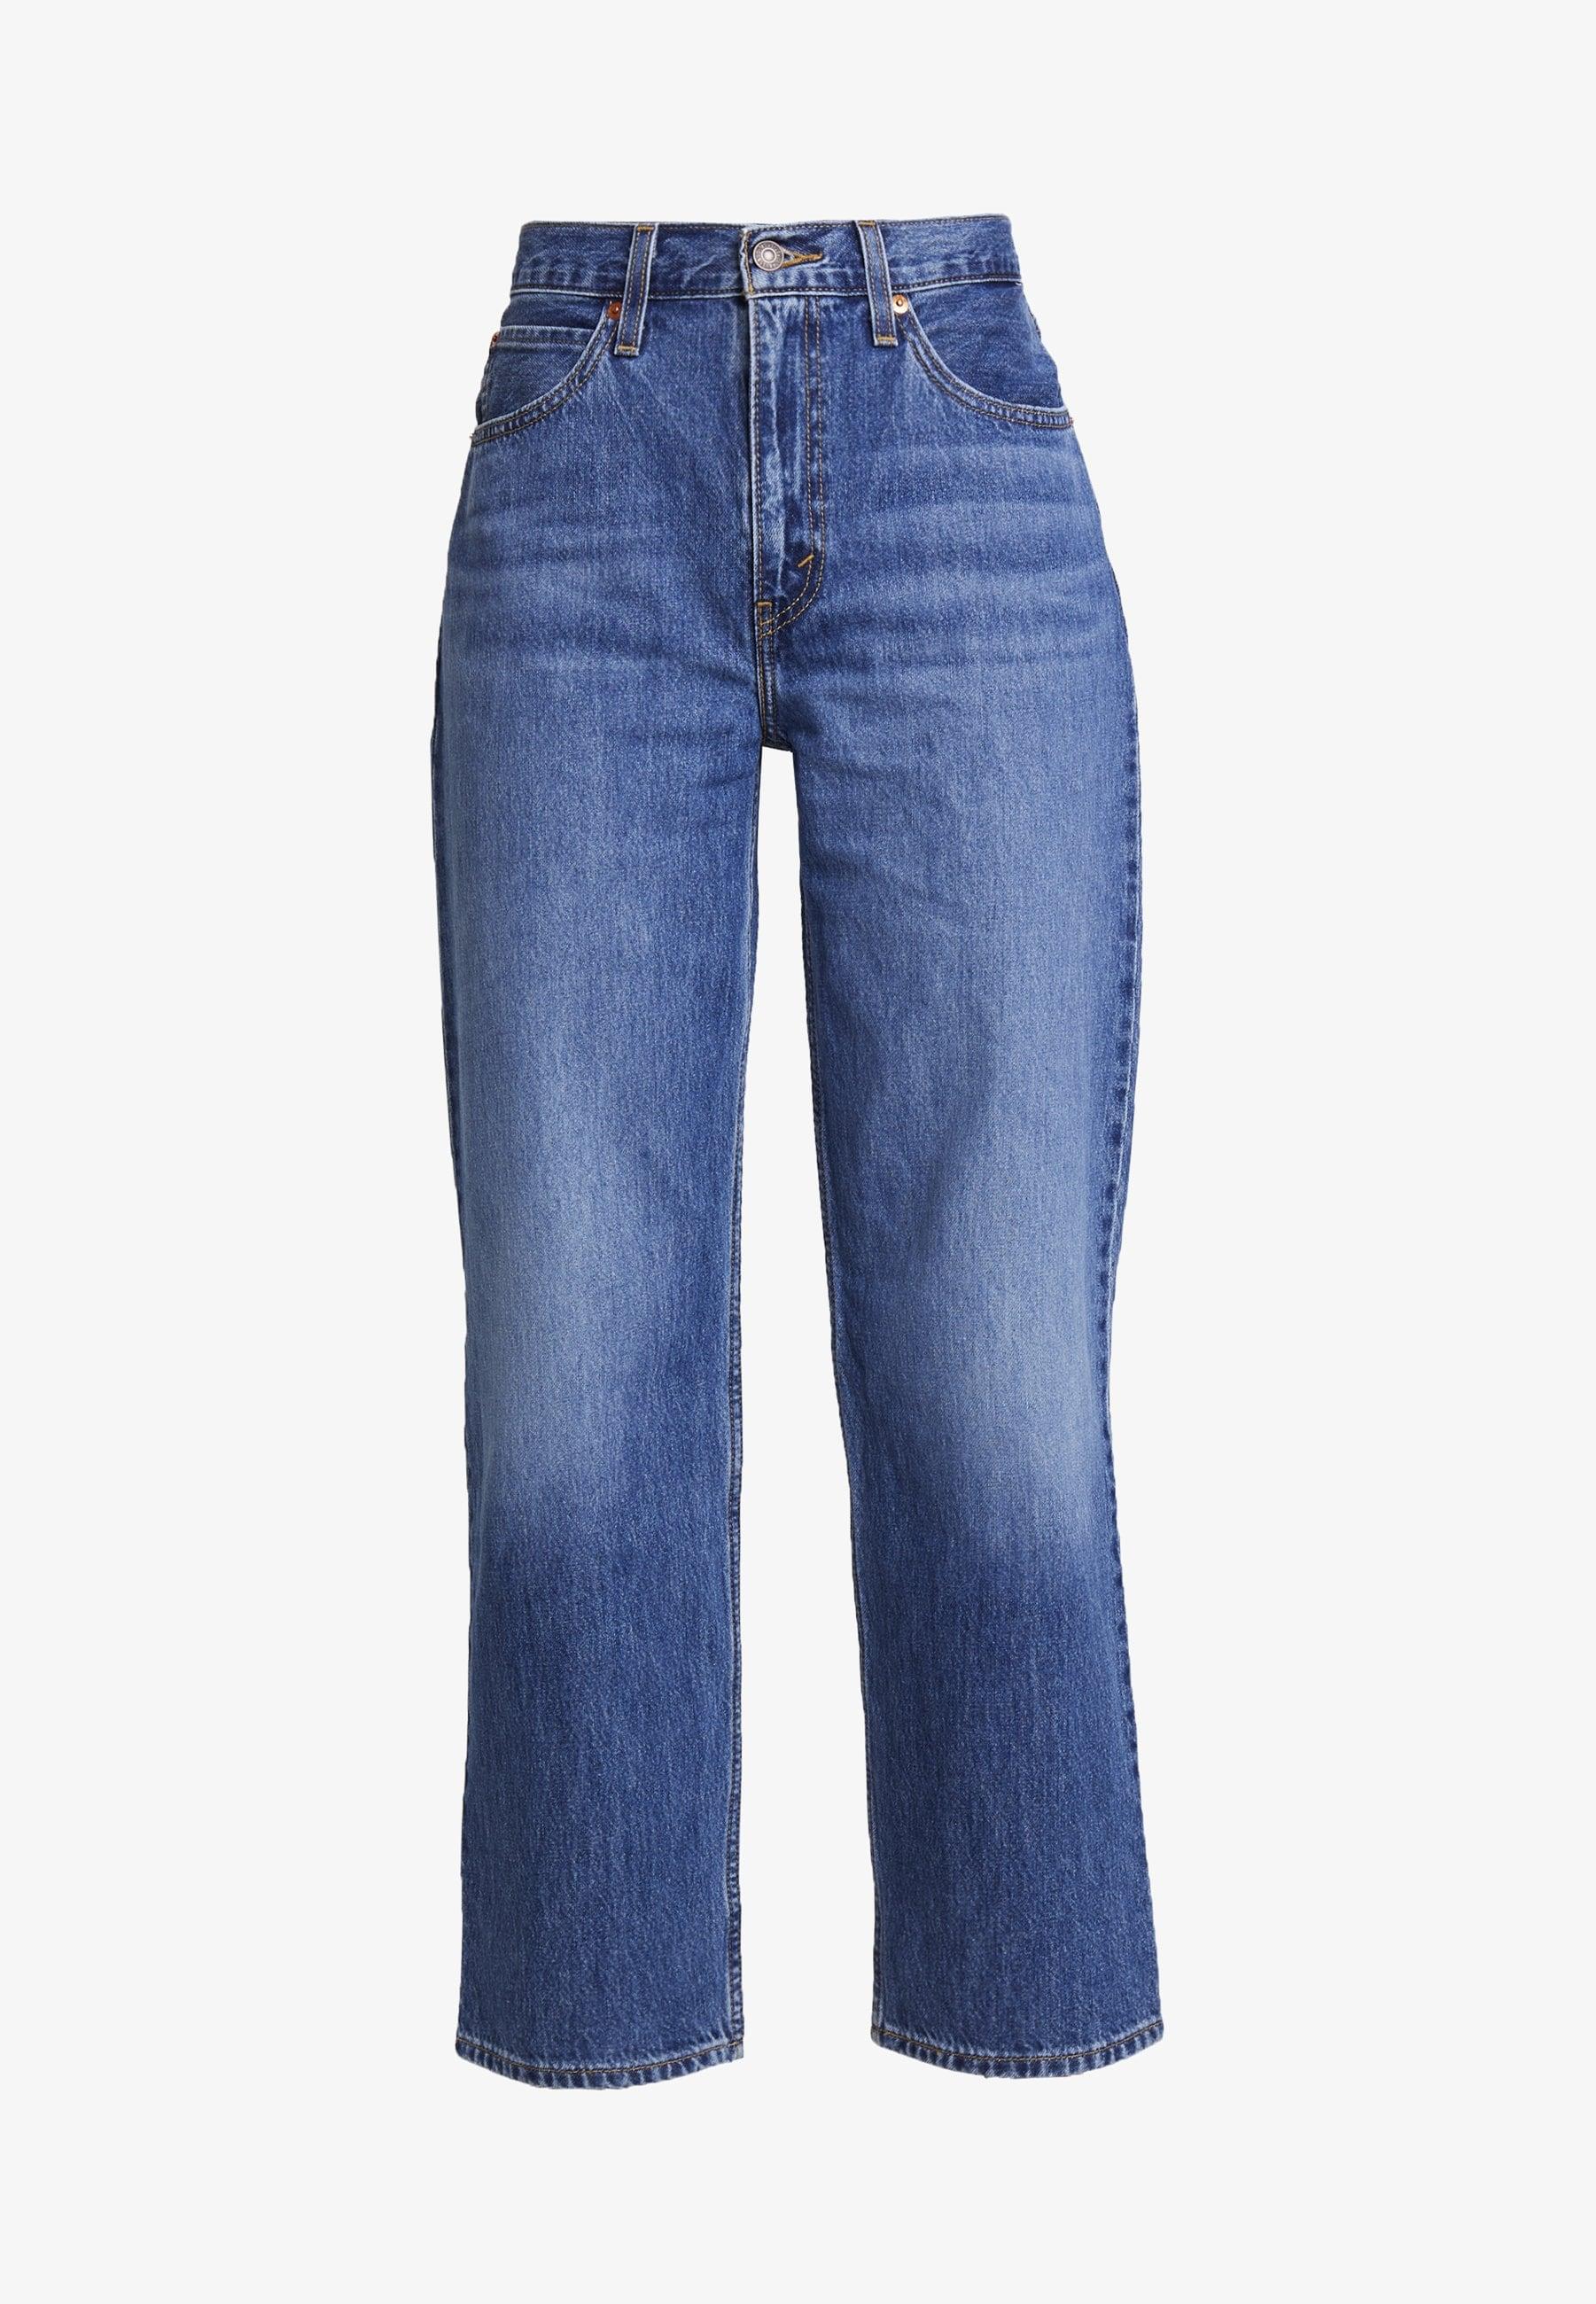 Jeans vår 2020 2